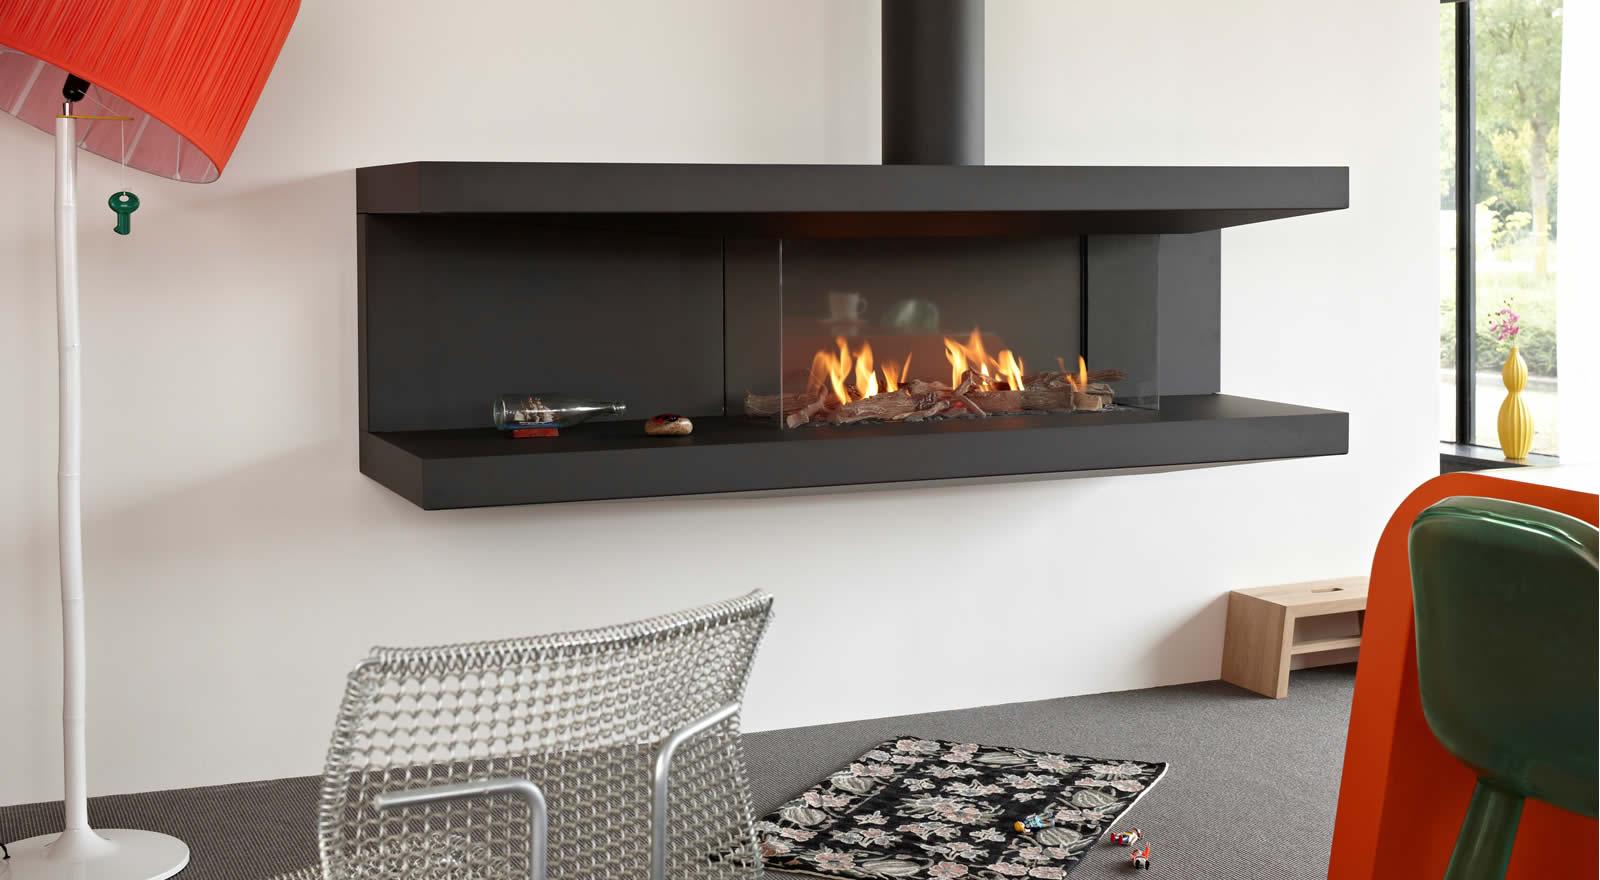 insert au gaz tulp stuv c 200 poele au gaz st v. Black Bedroom Furniture Sets. Home Design Ideas